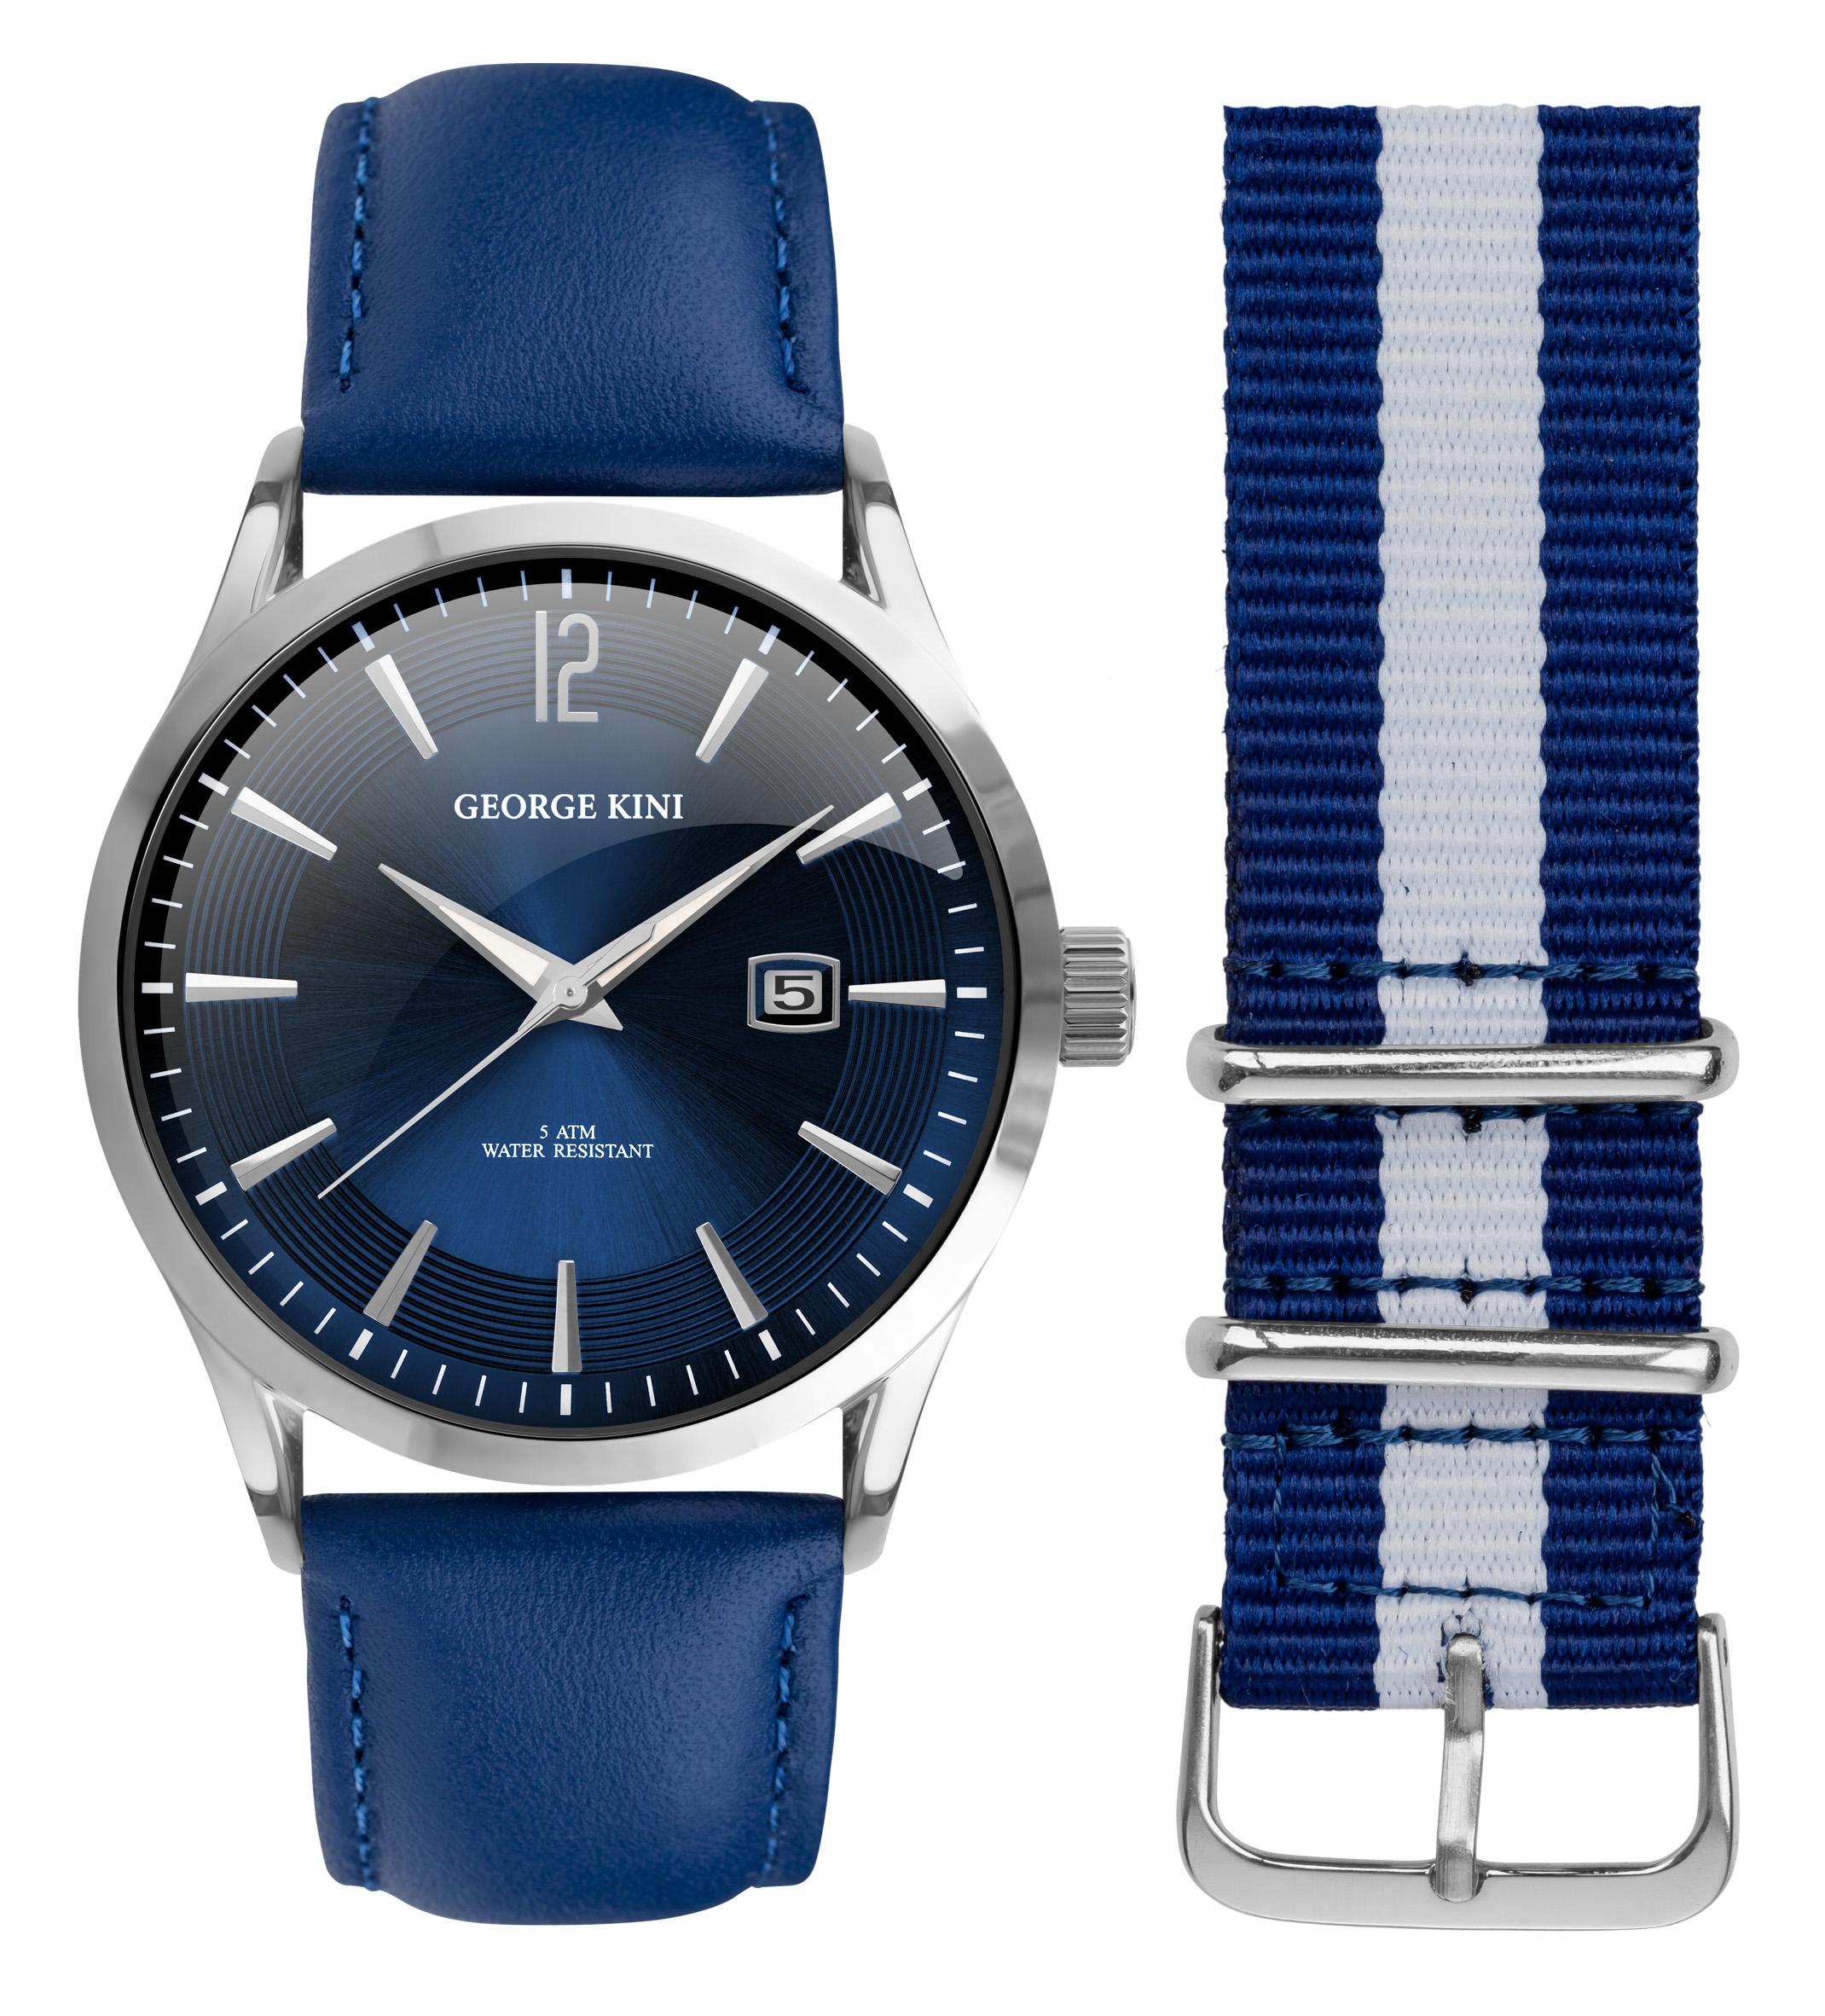 Наручные часы мужские George Kini GK.11.1.3S.17